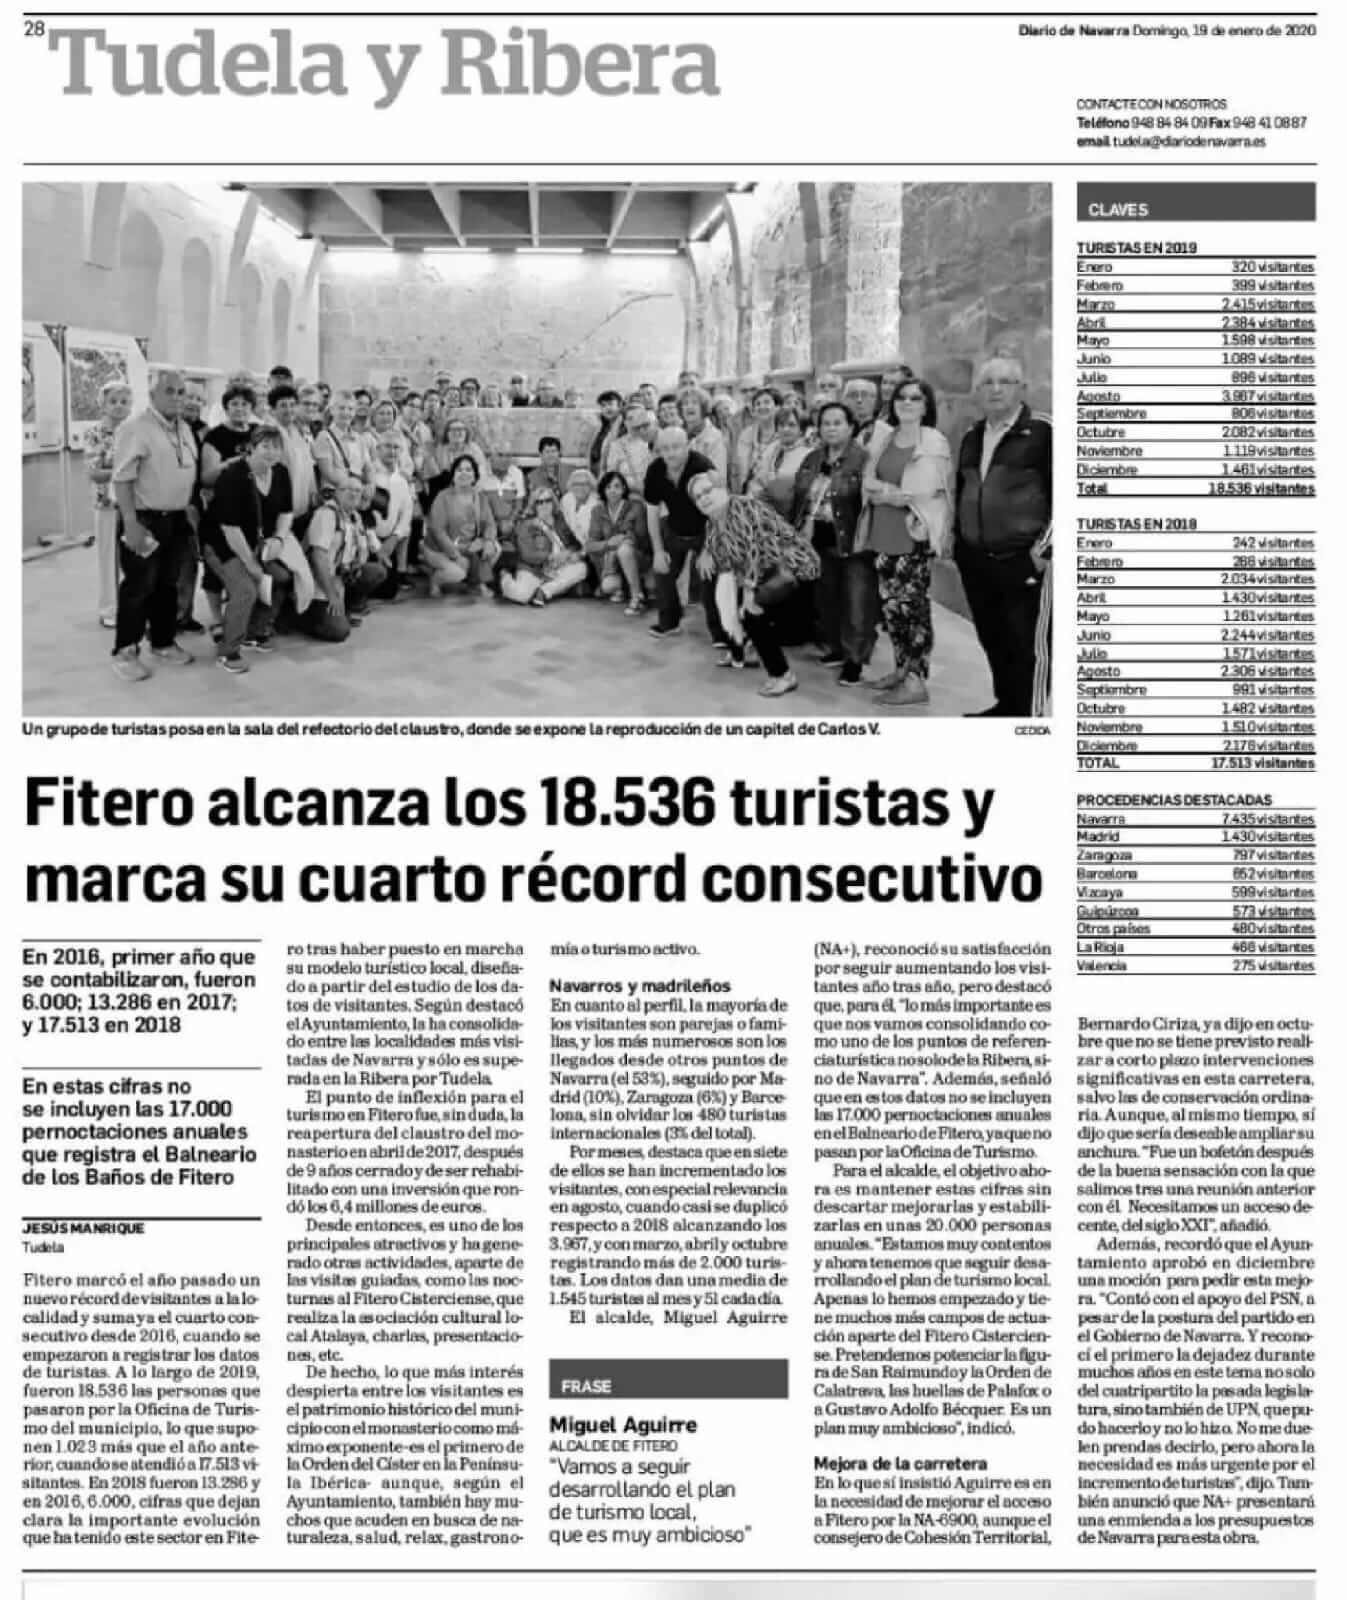 Fitero alcanza los 18.536 turistas y marca su cuarto récord consecutivo